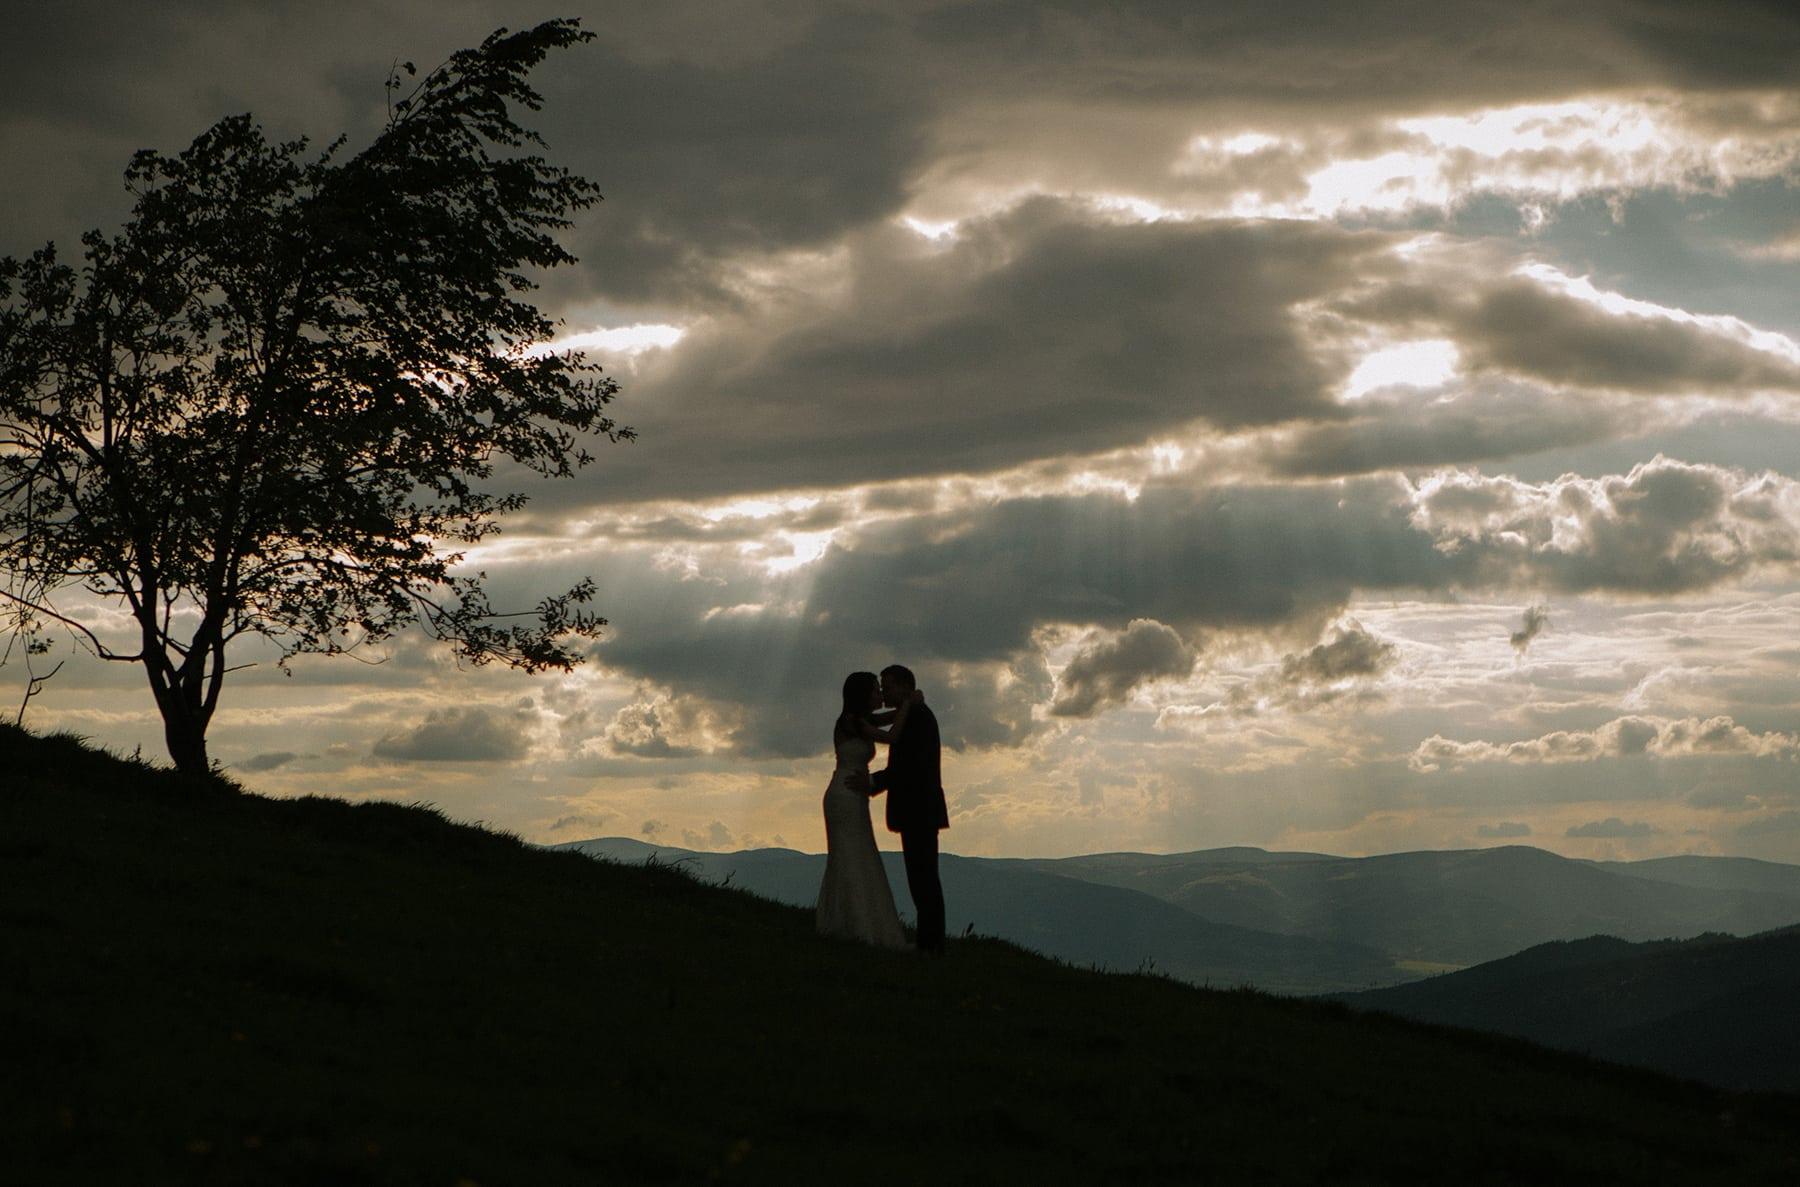 kobieta i mężczyzna stoją naprzeciwko siebie w górach beskidach, otaczająich chmury